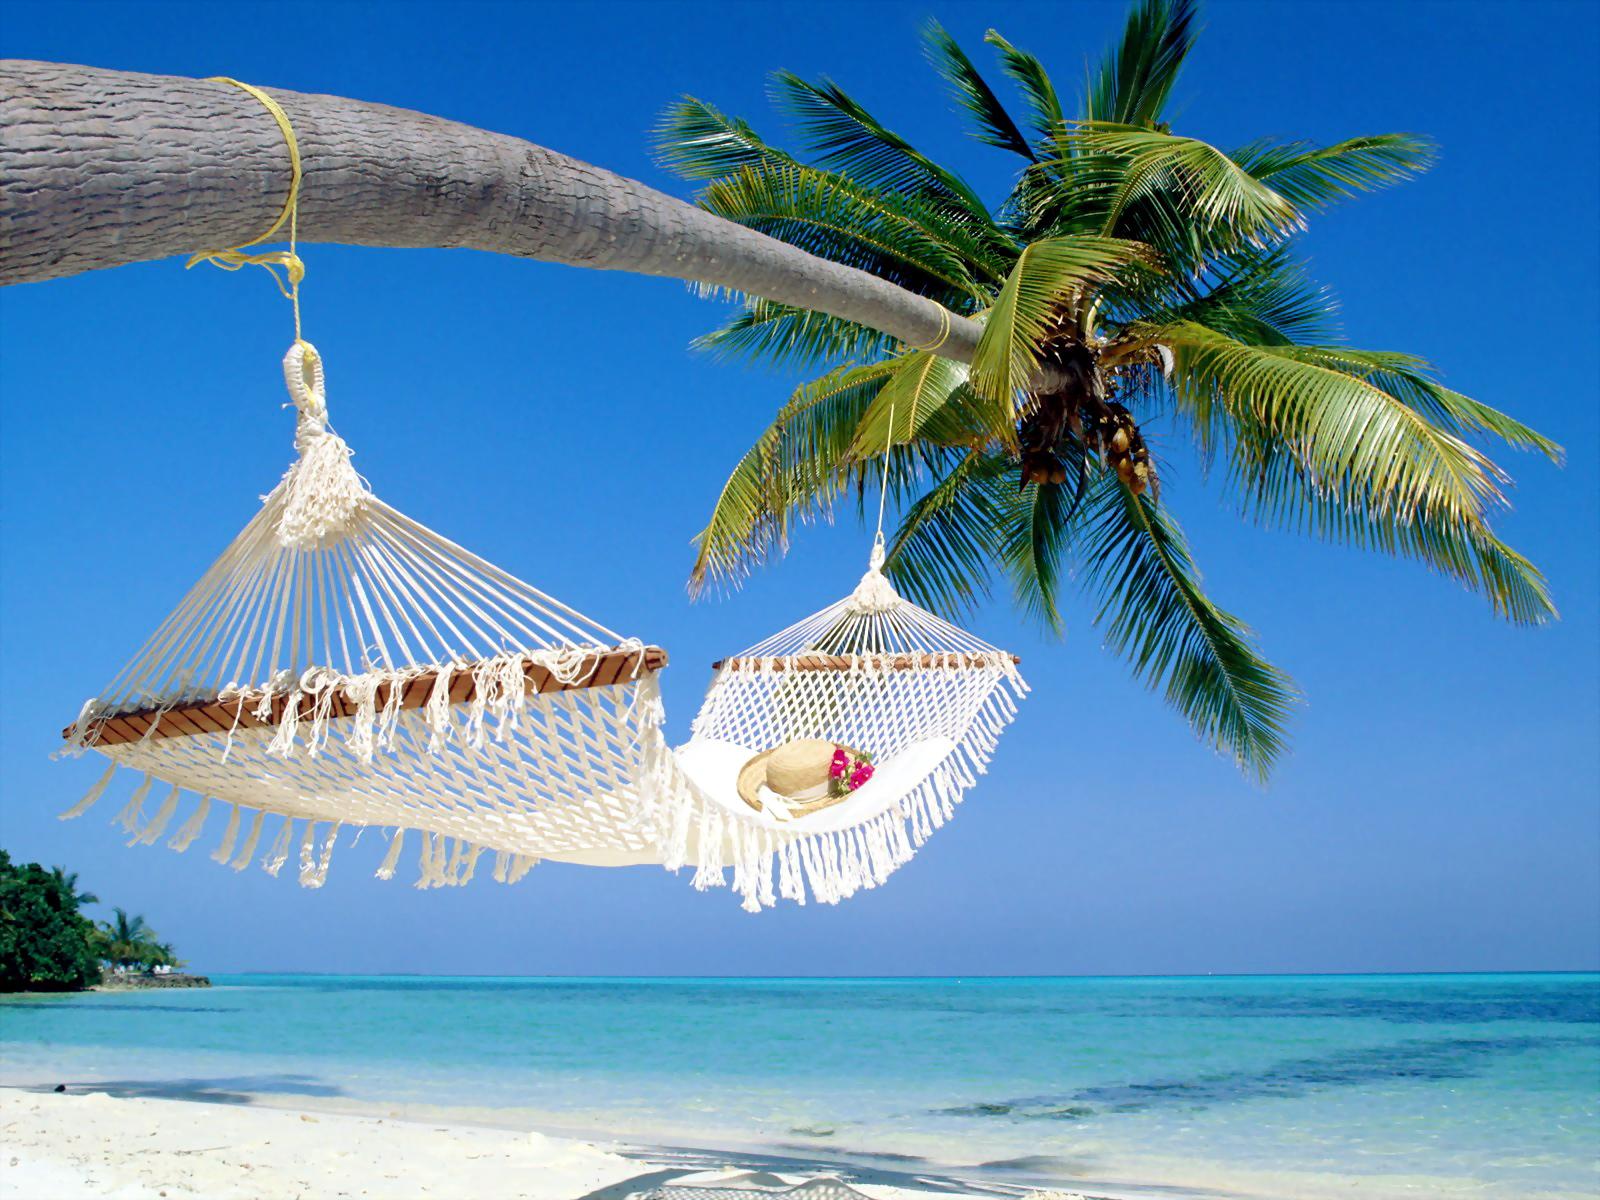 http://2.bp.blogspot.com/-TN95H8XGli0/UHZ8iwMapNI/AAAAAAAAIlM/8Dp7kbpAYWQ/s1600/beach-wallpaper-hd-35.jpg